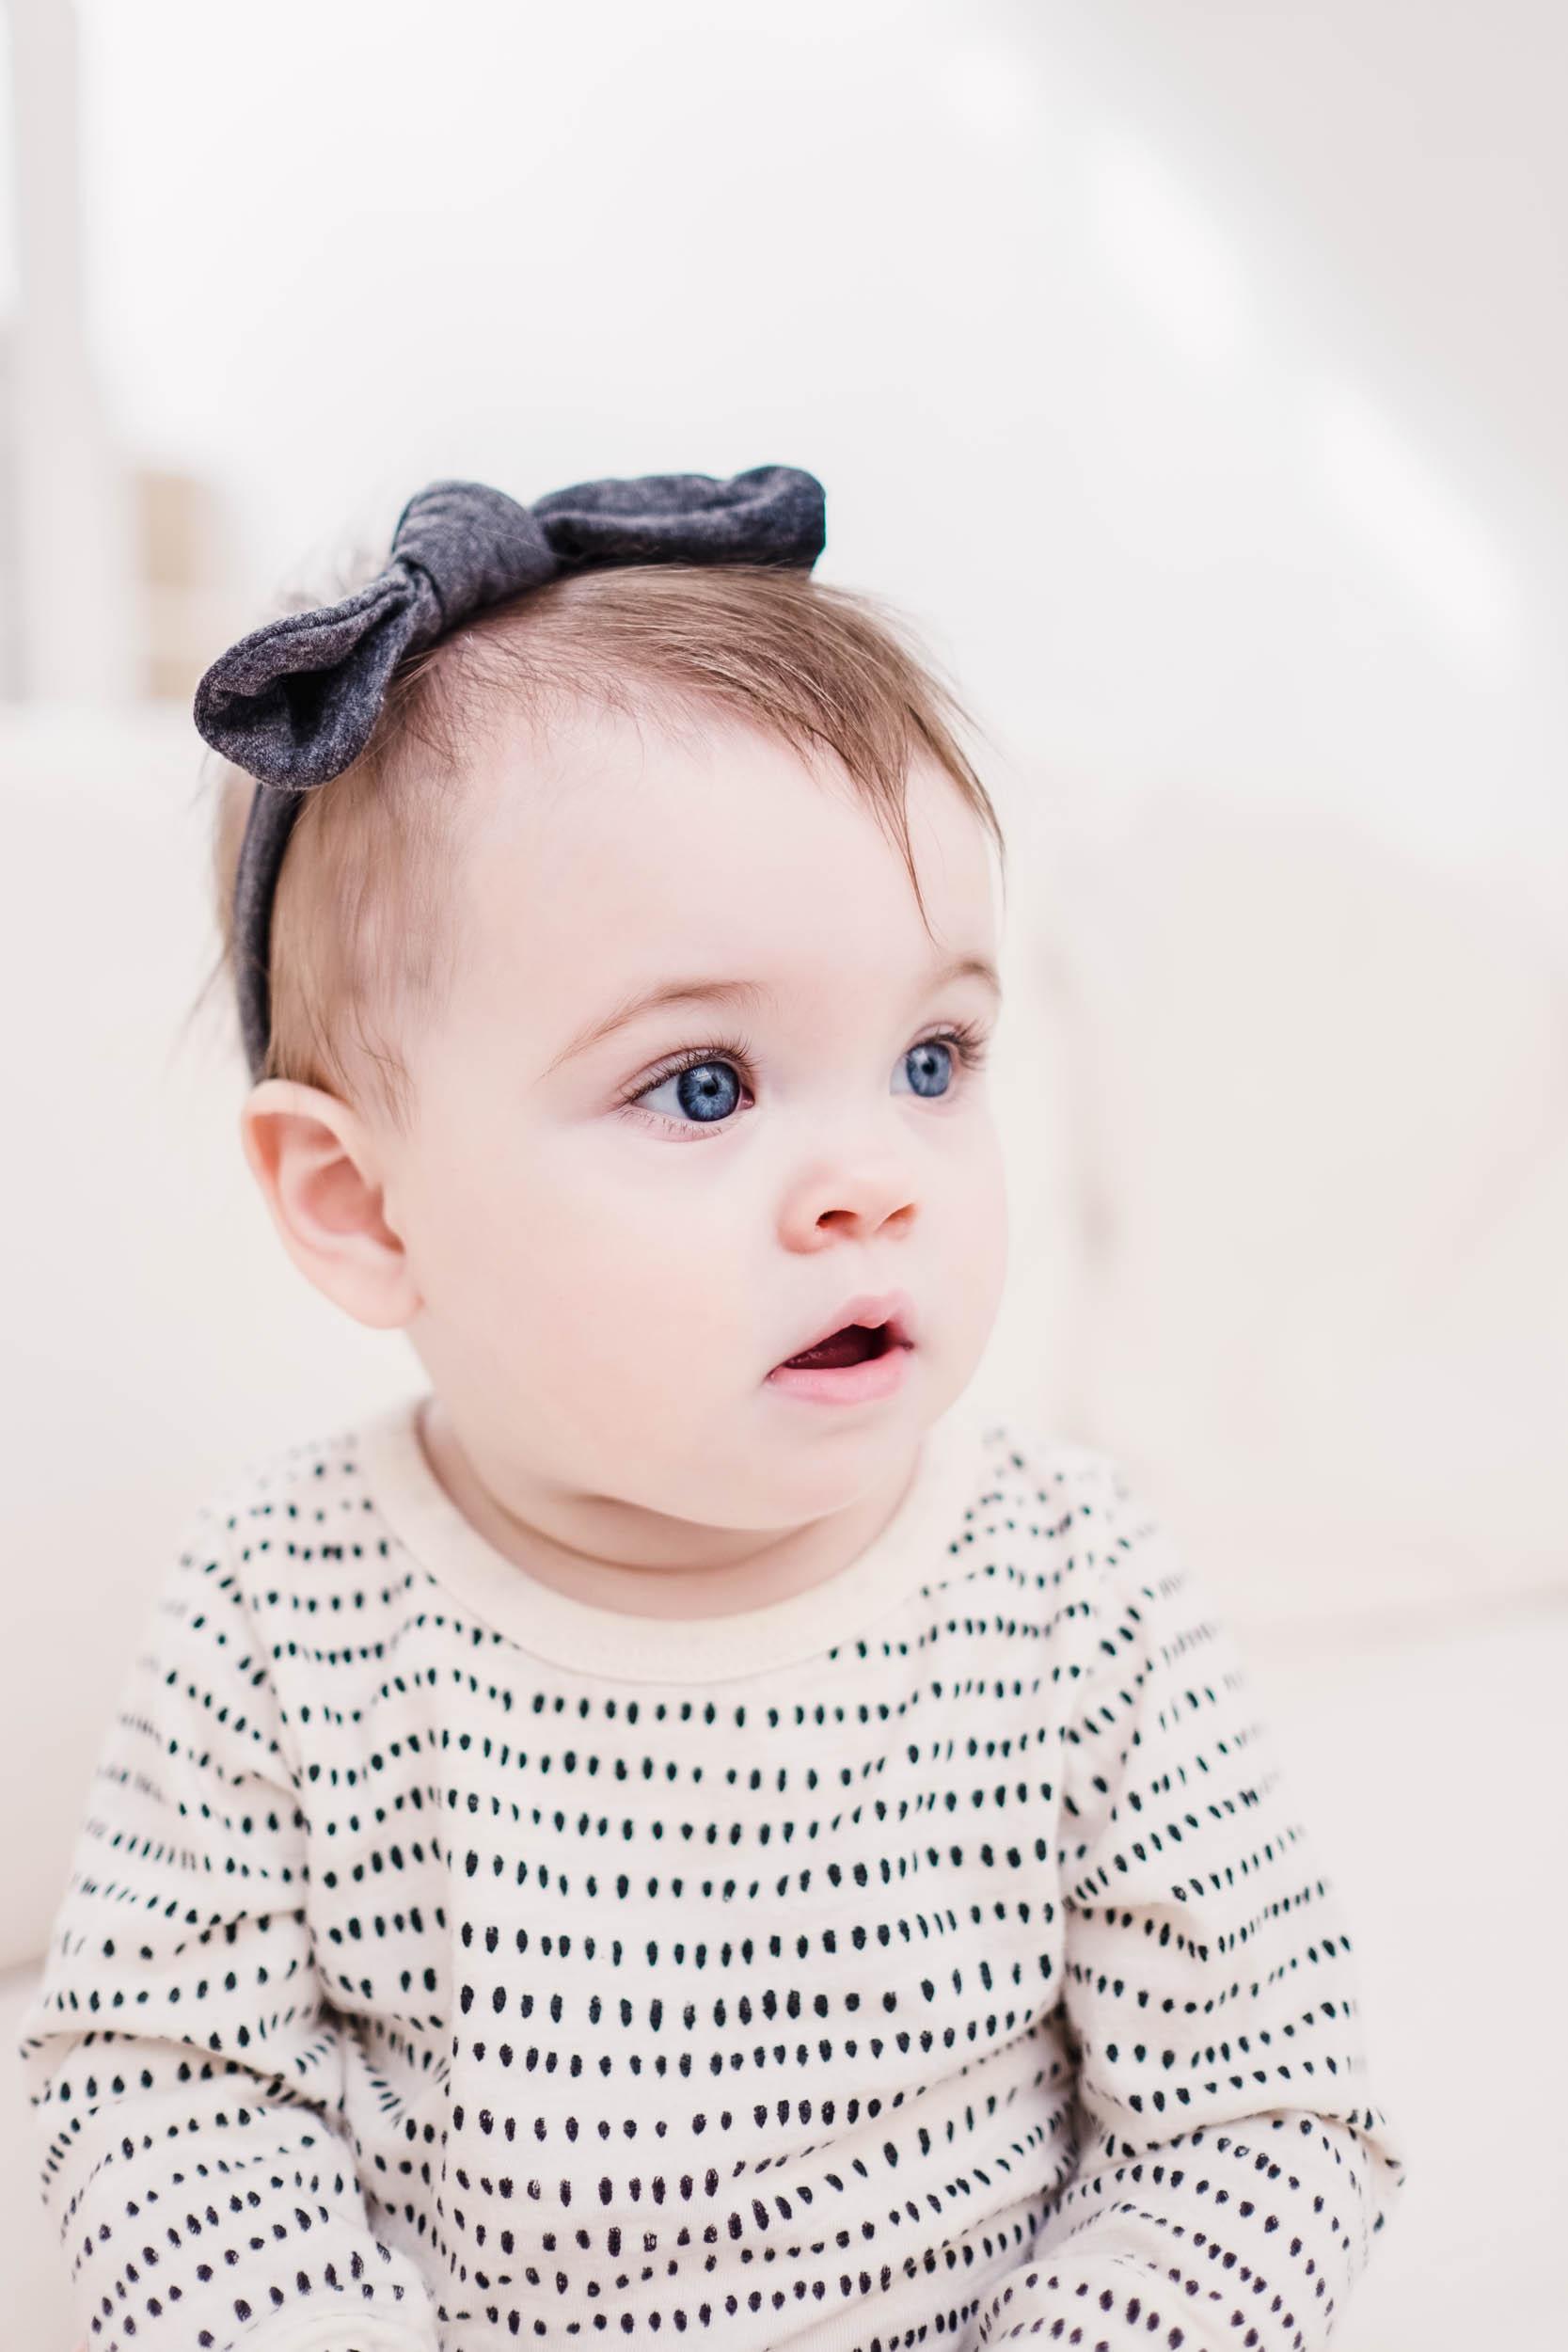 Kristen-Humbert-Family-Photoshoot-Philadelphia_Ruby-James-W-7138.jpg